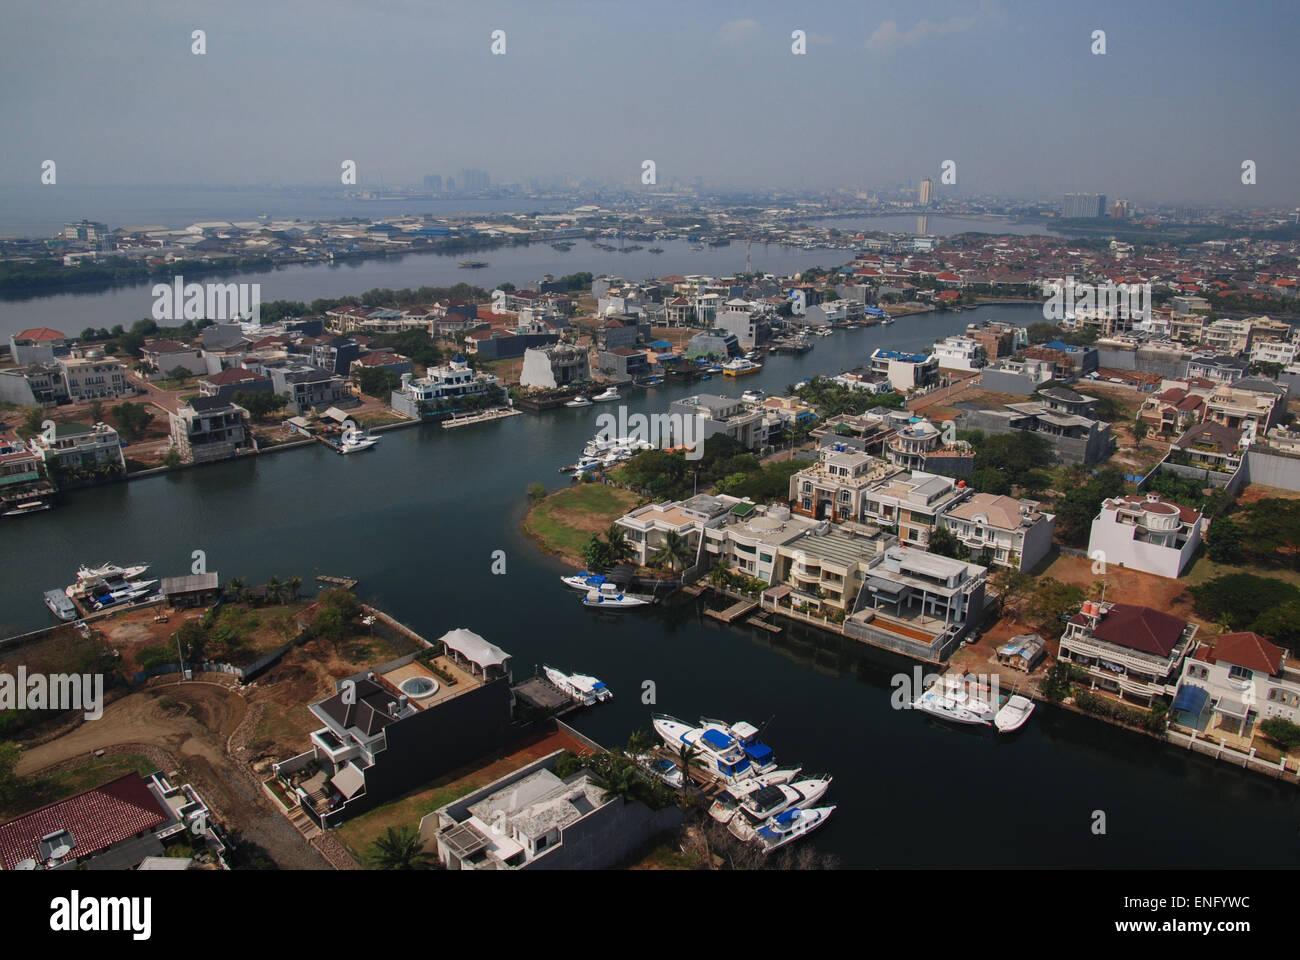 Landscape of Jakarta coastal area. - Stock Image